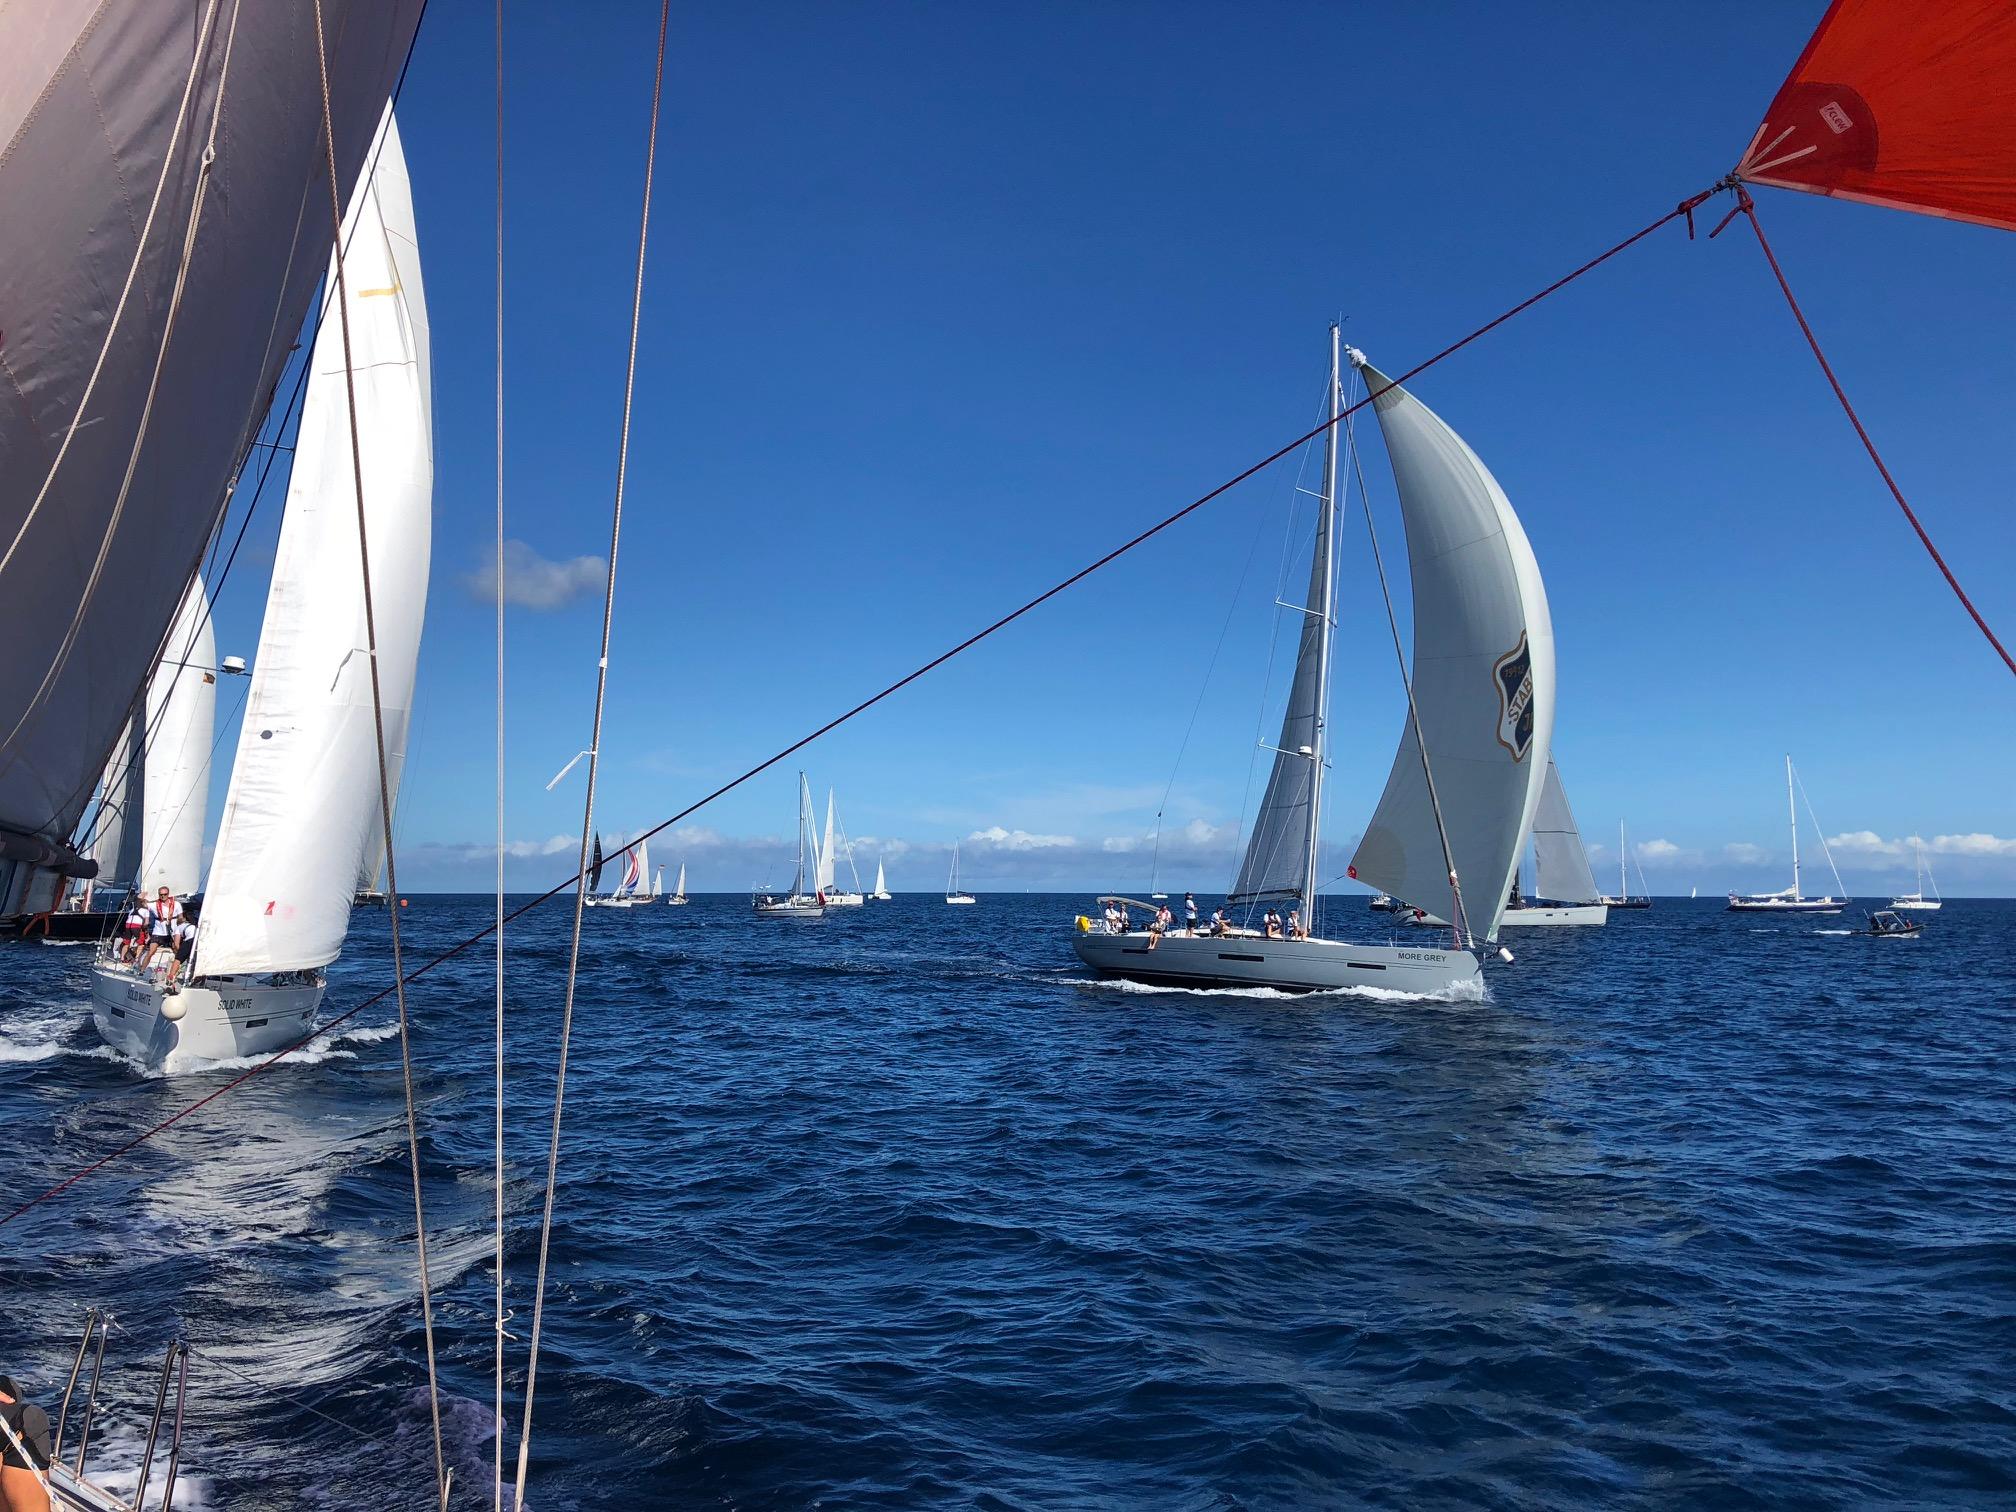 Kappseglingstävling över Atlanten 2022